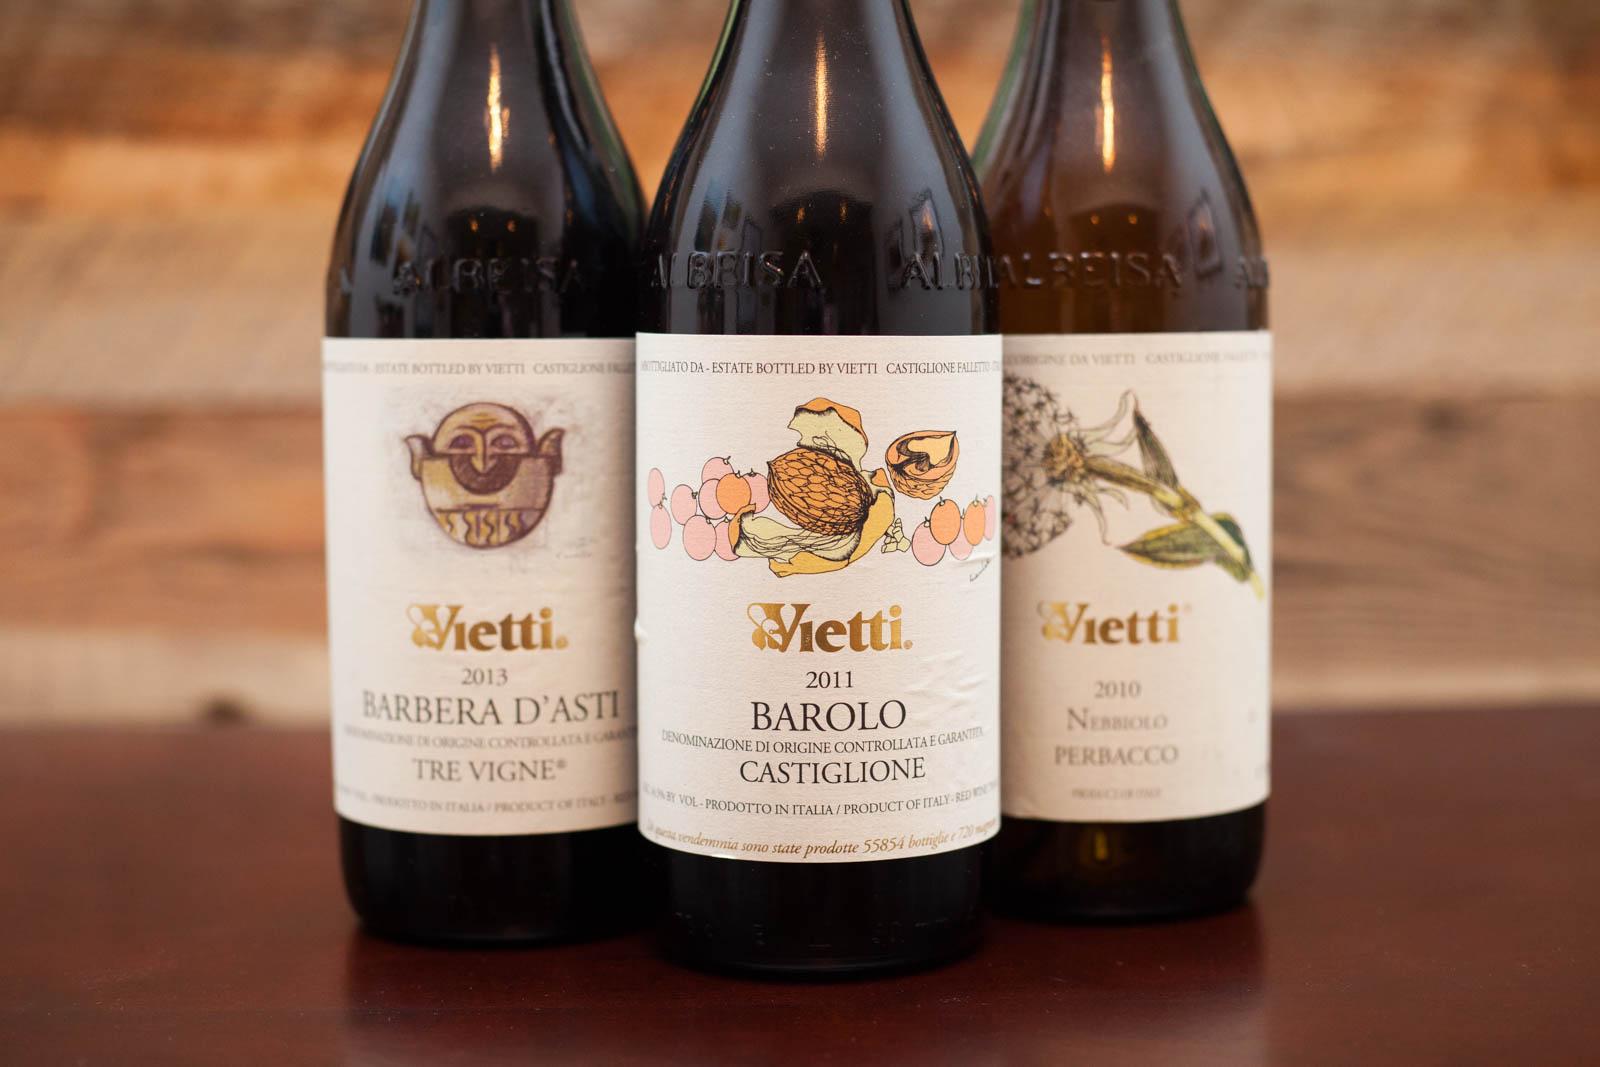 Vietti Winery wines: Barbera d'Asti, Barolo Castiglione, Nebbiolo Perbacco